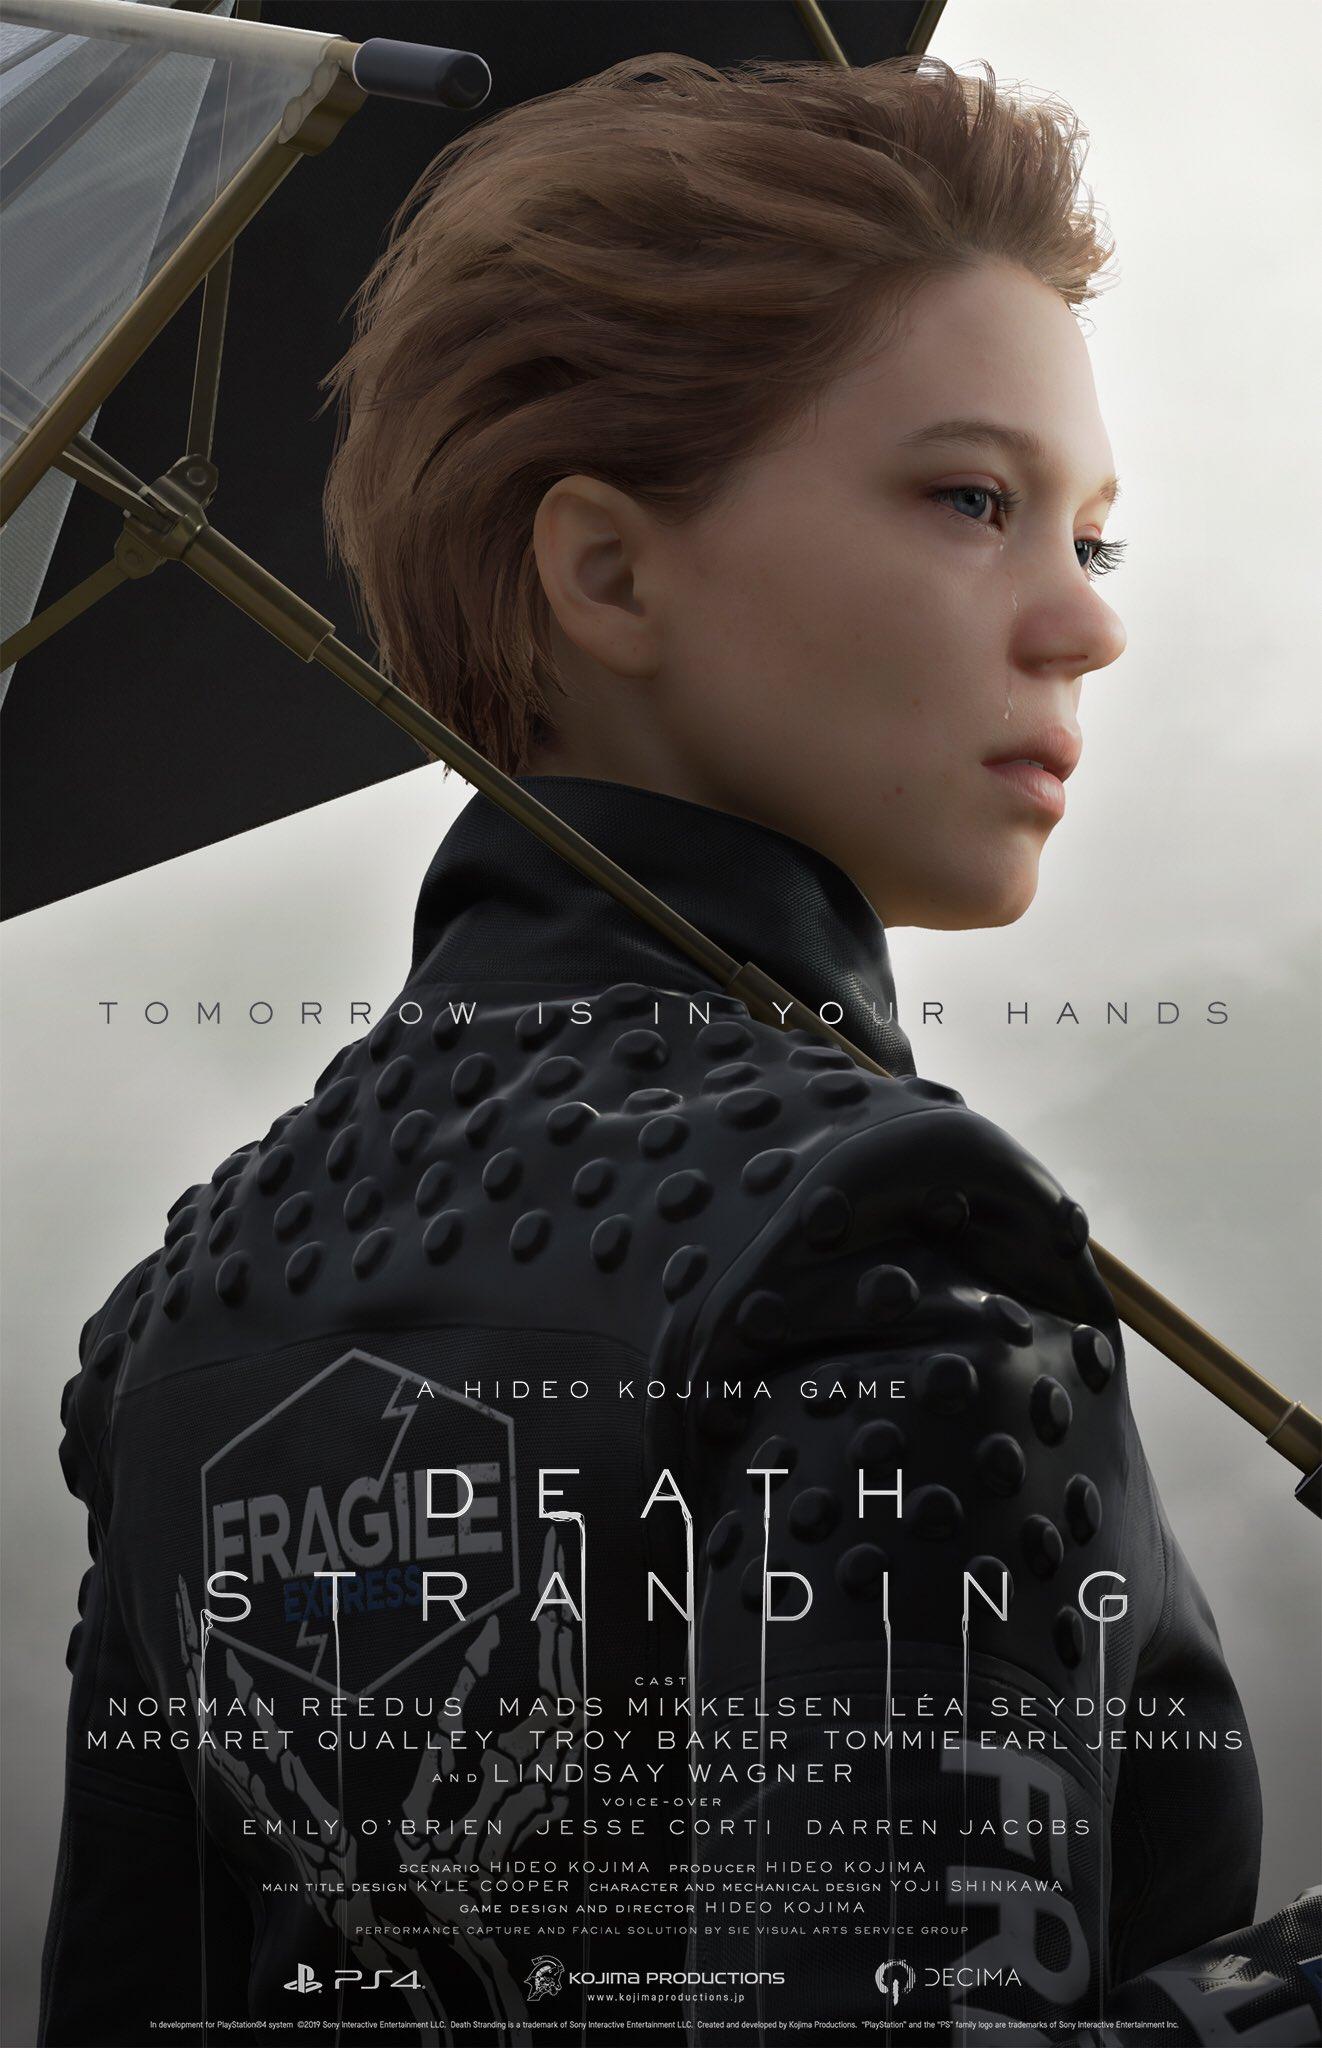 5 13 - 小島秀夫監督の『デス・ストランディング』発売日が11月8日に決定! 最新トレーラーも公開。神ゲーオーラに震えろ